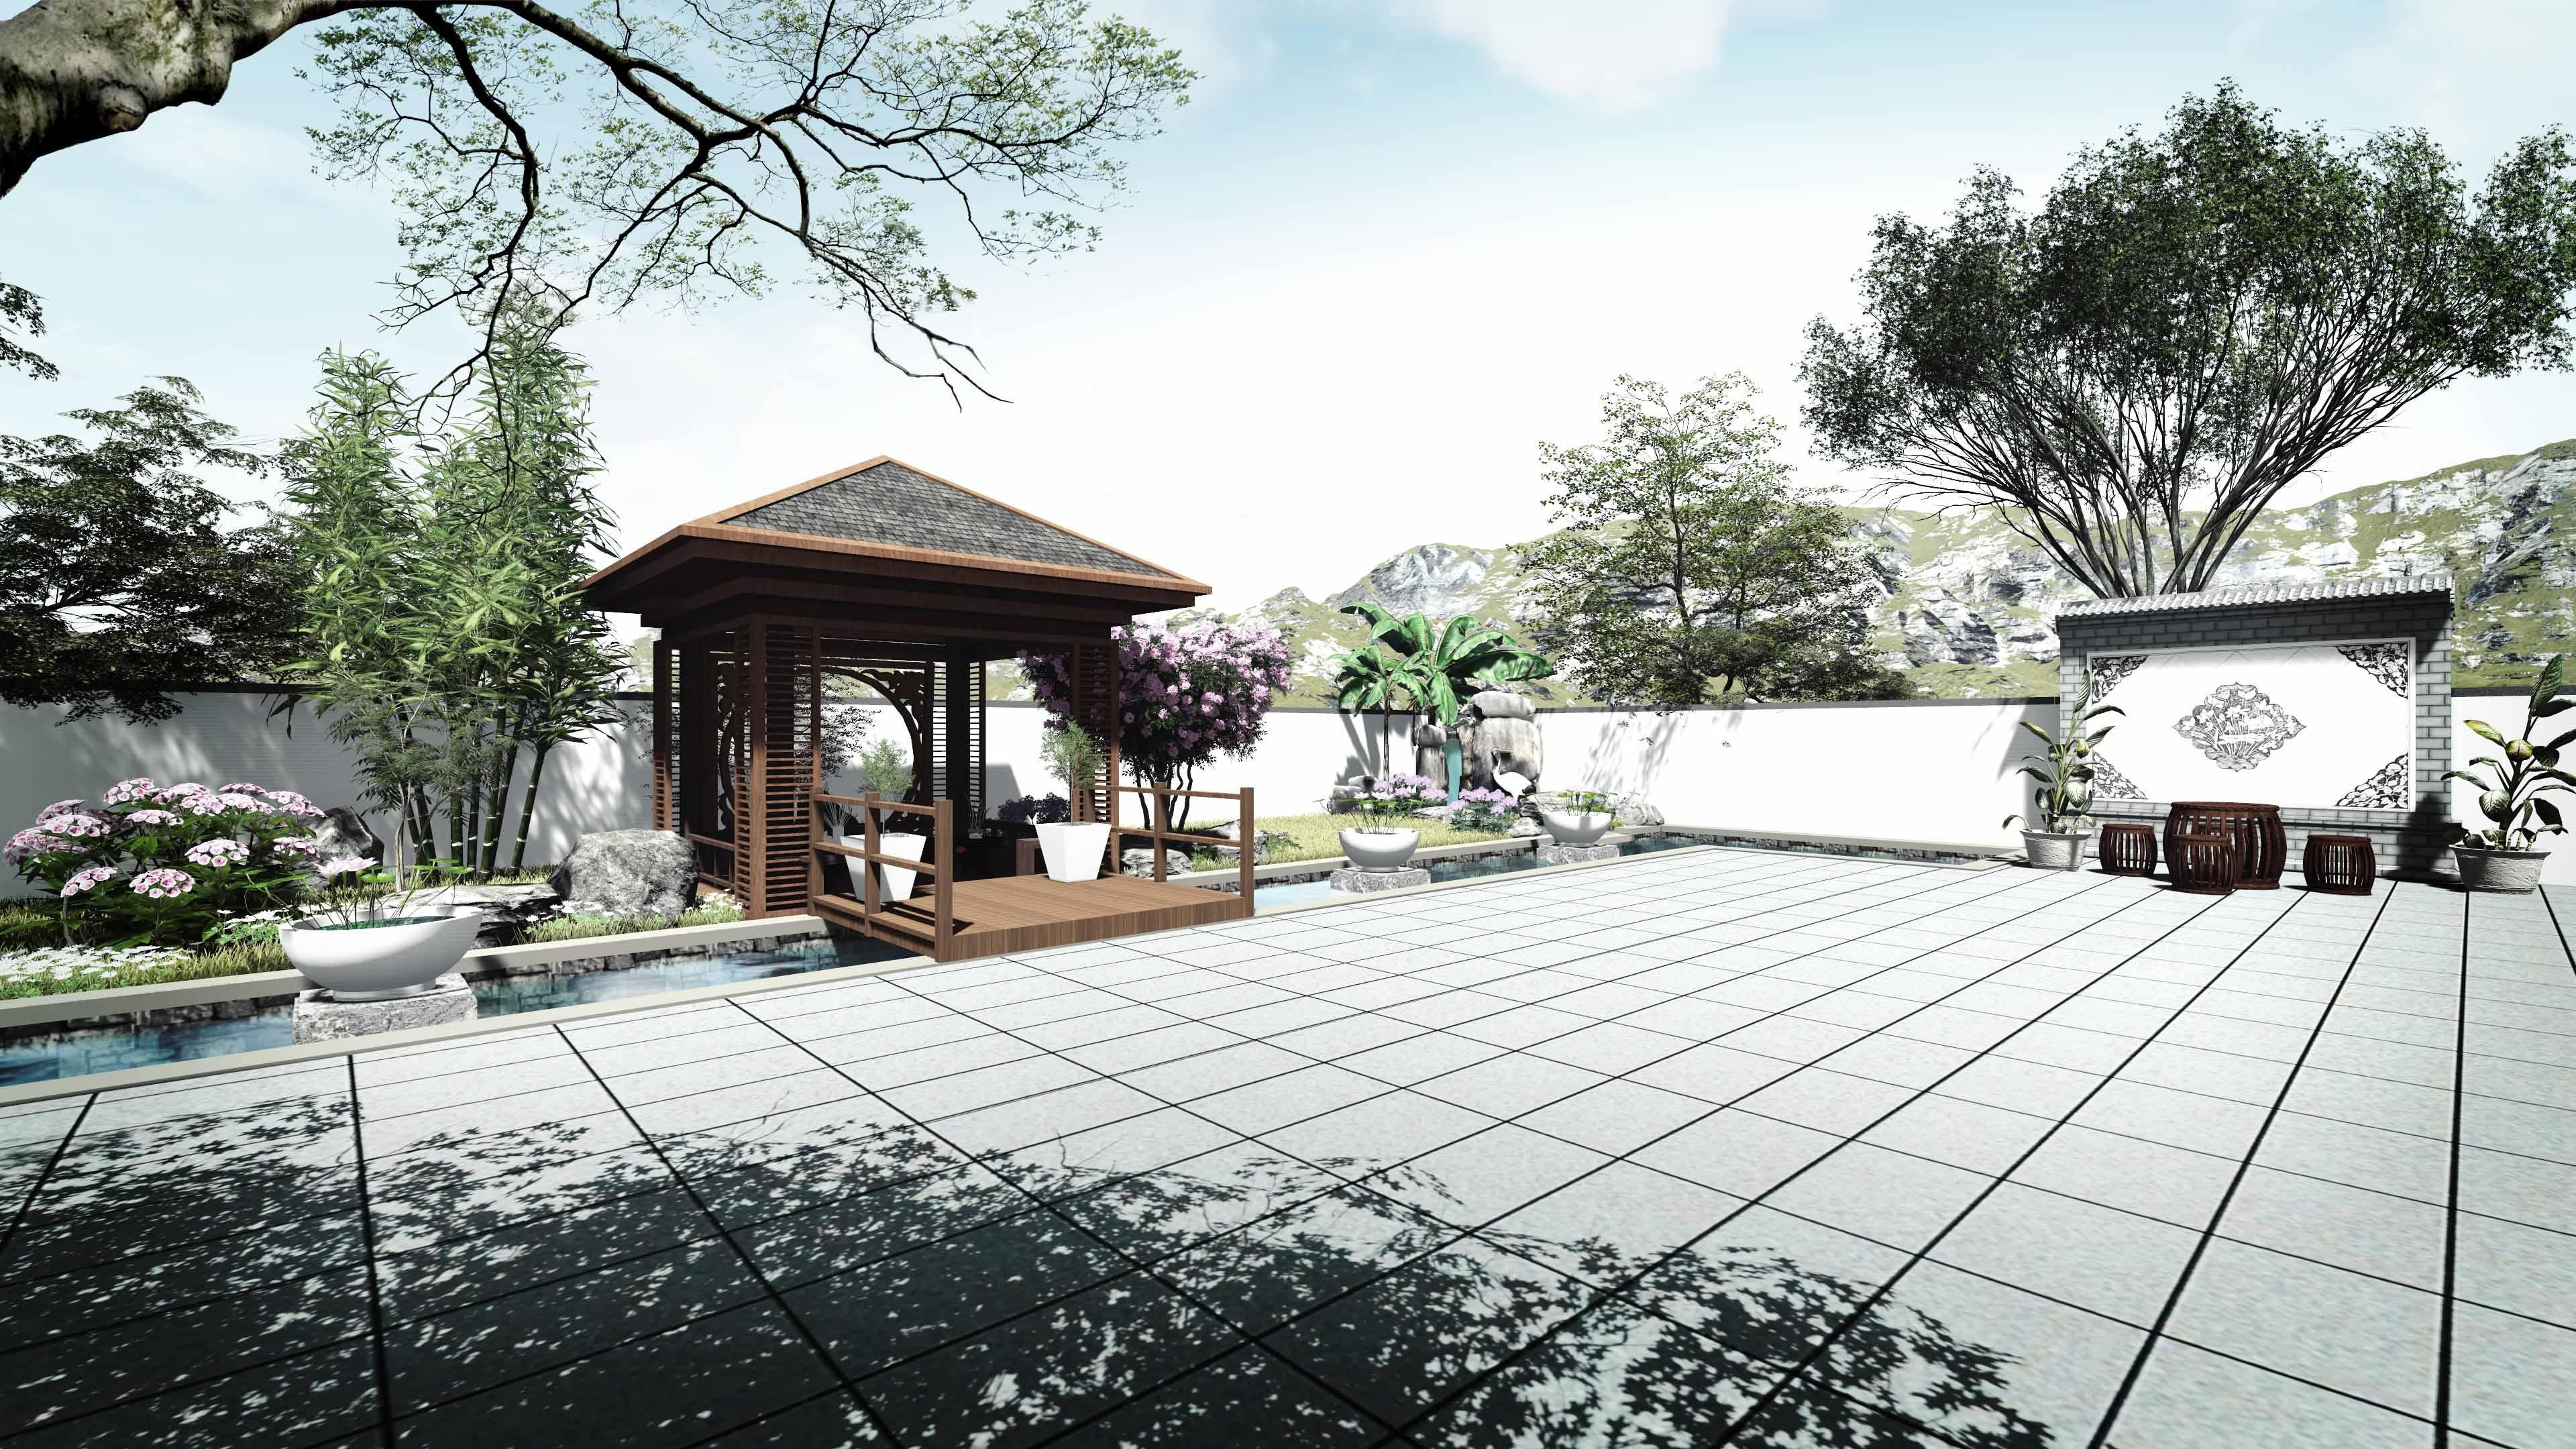 庭院花园景观升级改造设计局部效果图二